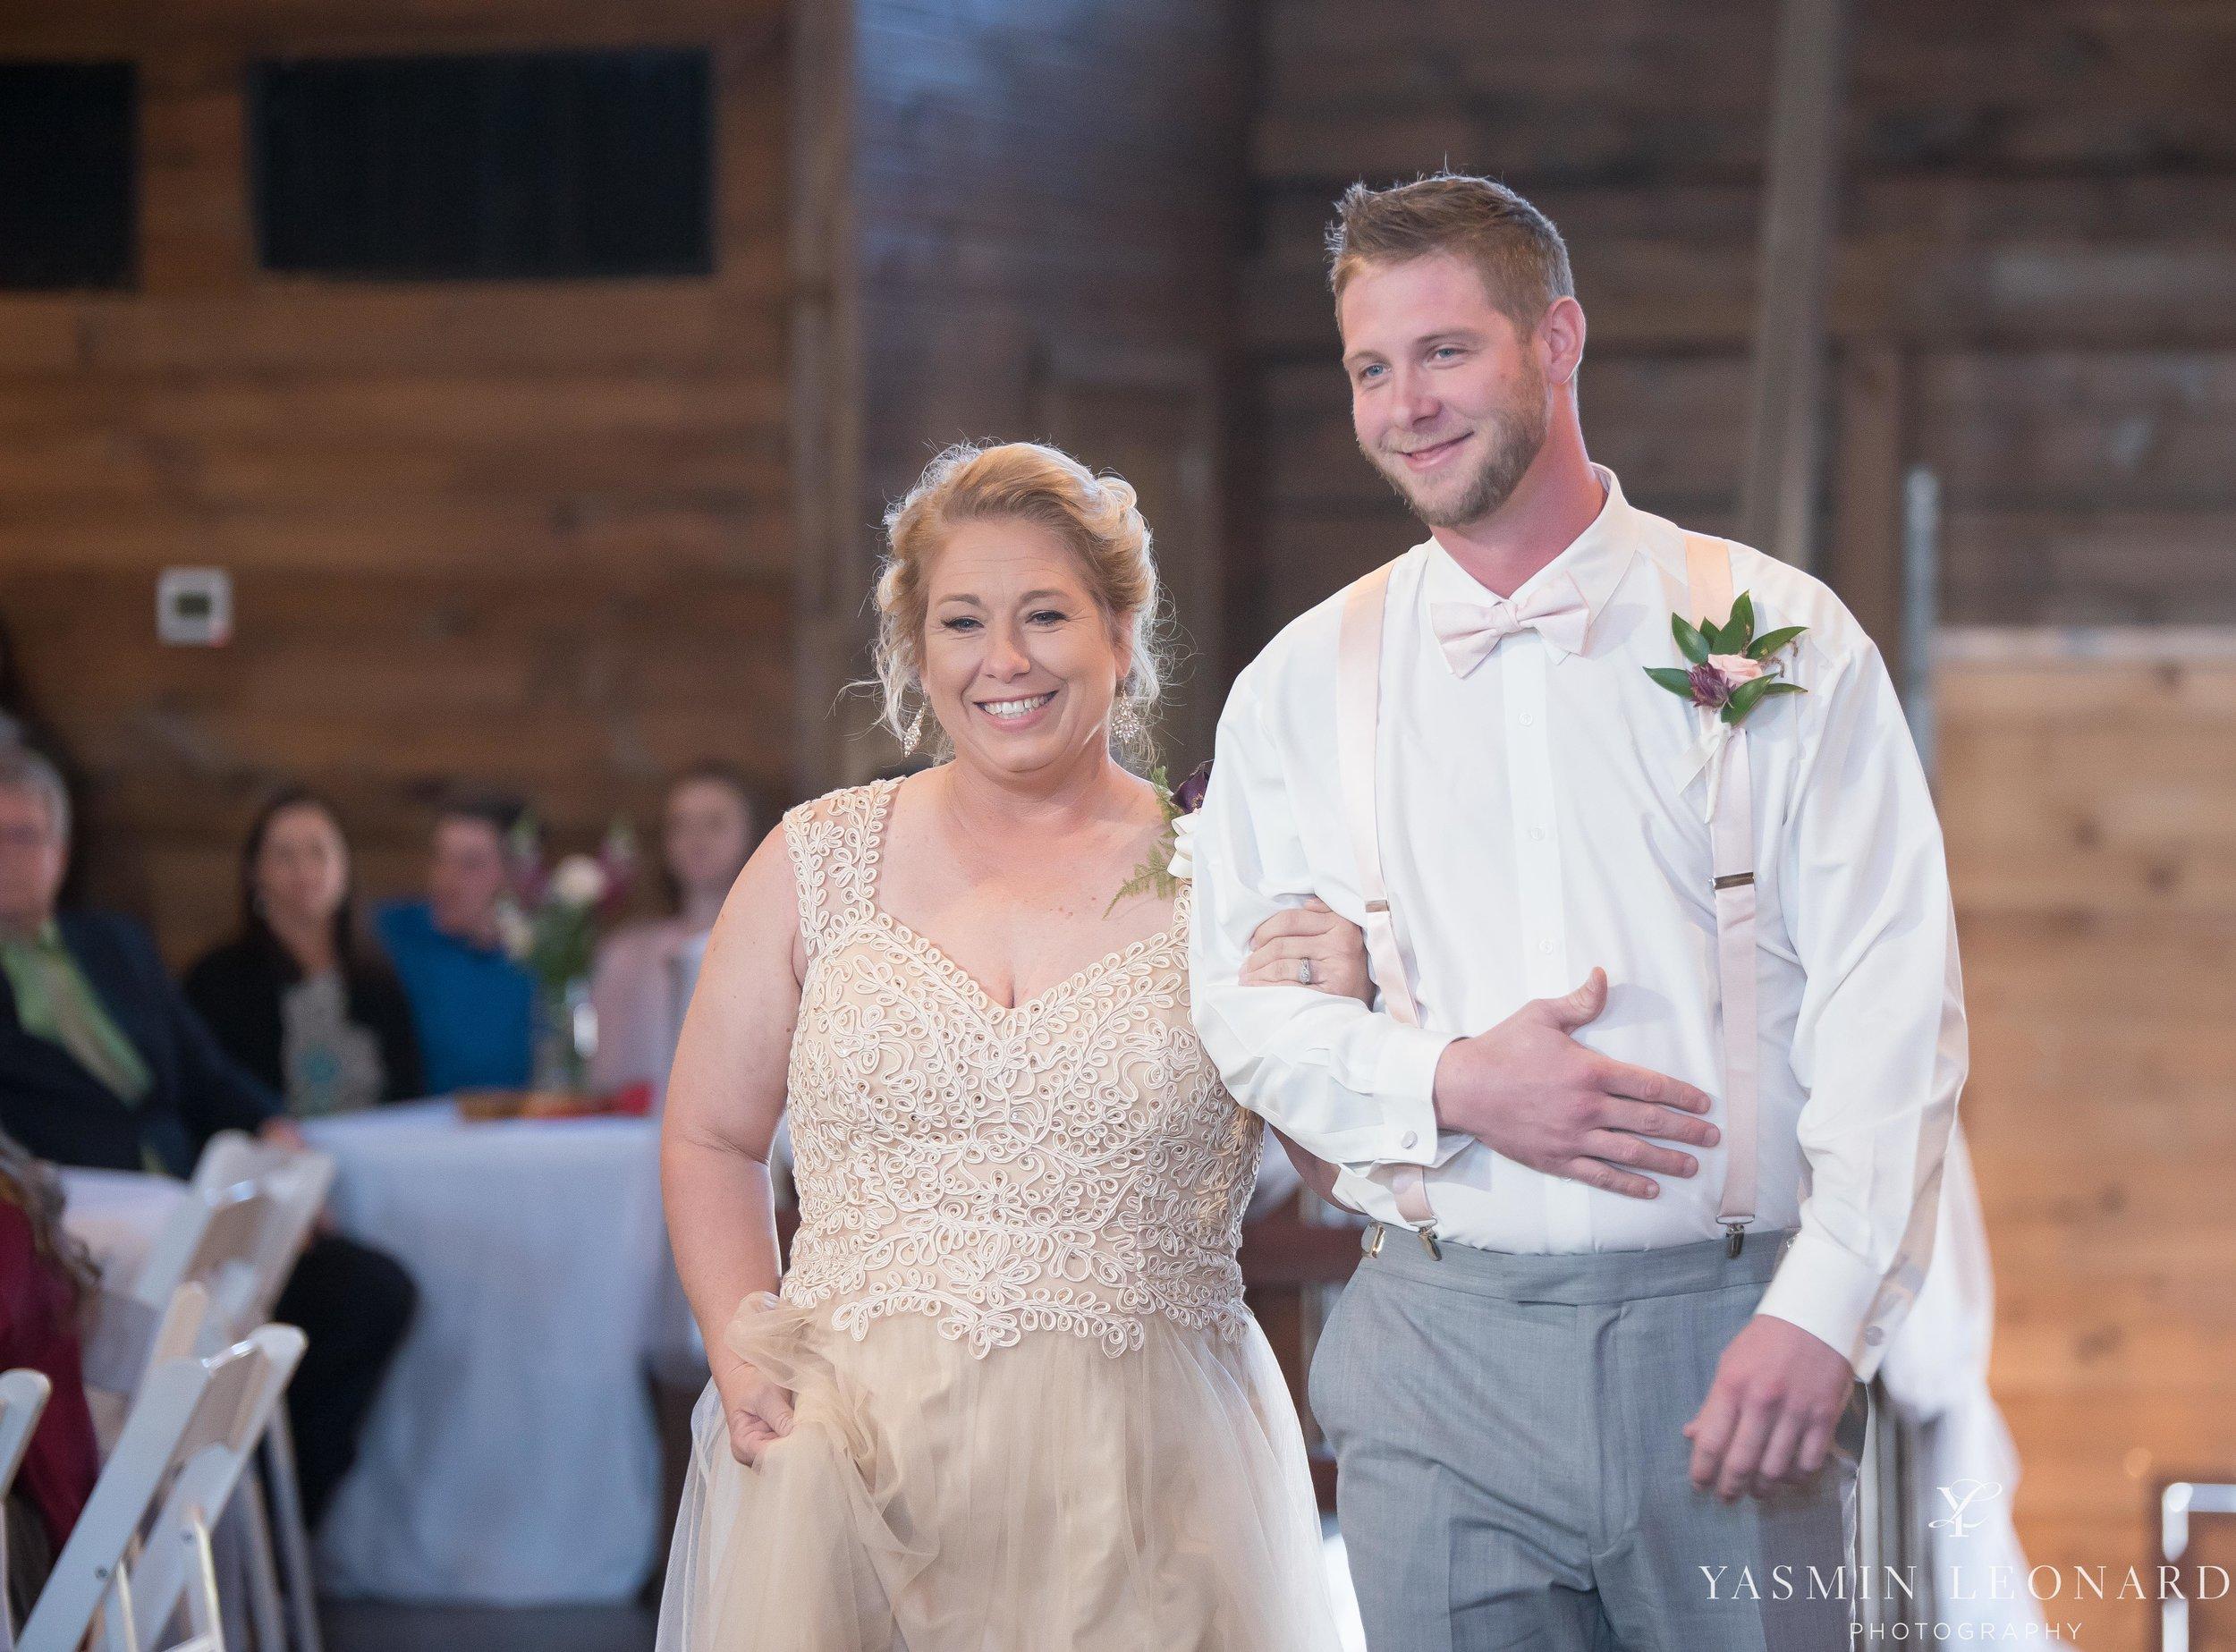 Millikan Farms - Millikan Farms Wedding - Sophia NC Wedding - NC Wedding - NC Wedding Photographer - Yasmin Leonard Photography - High Point Photographer - Barn Wedding - Wedding Venues in NC - Triad Wedding Photographer-33.jpg